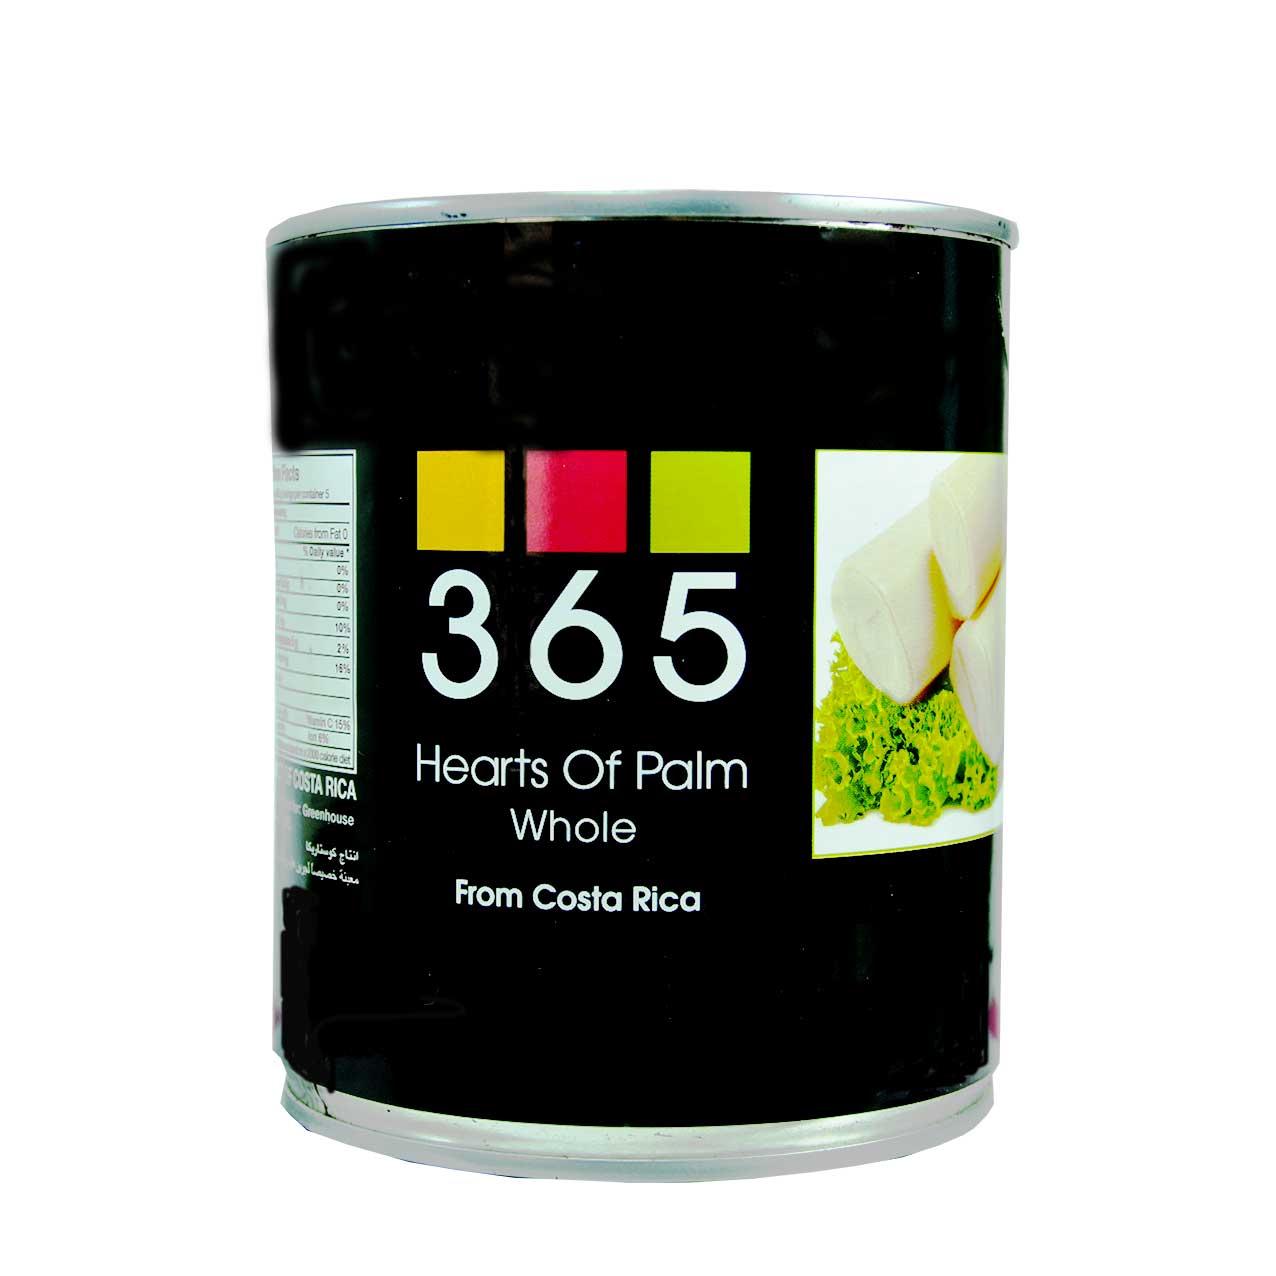 کنسرو هارت آف پالم ( مغز درخت خرما ) heart of palm